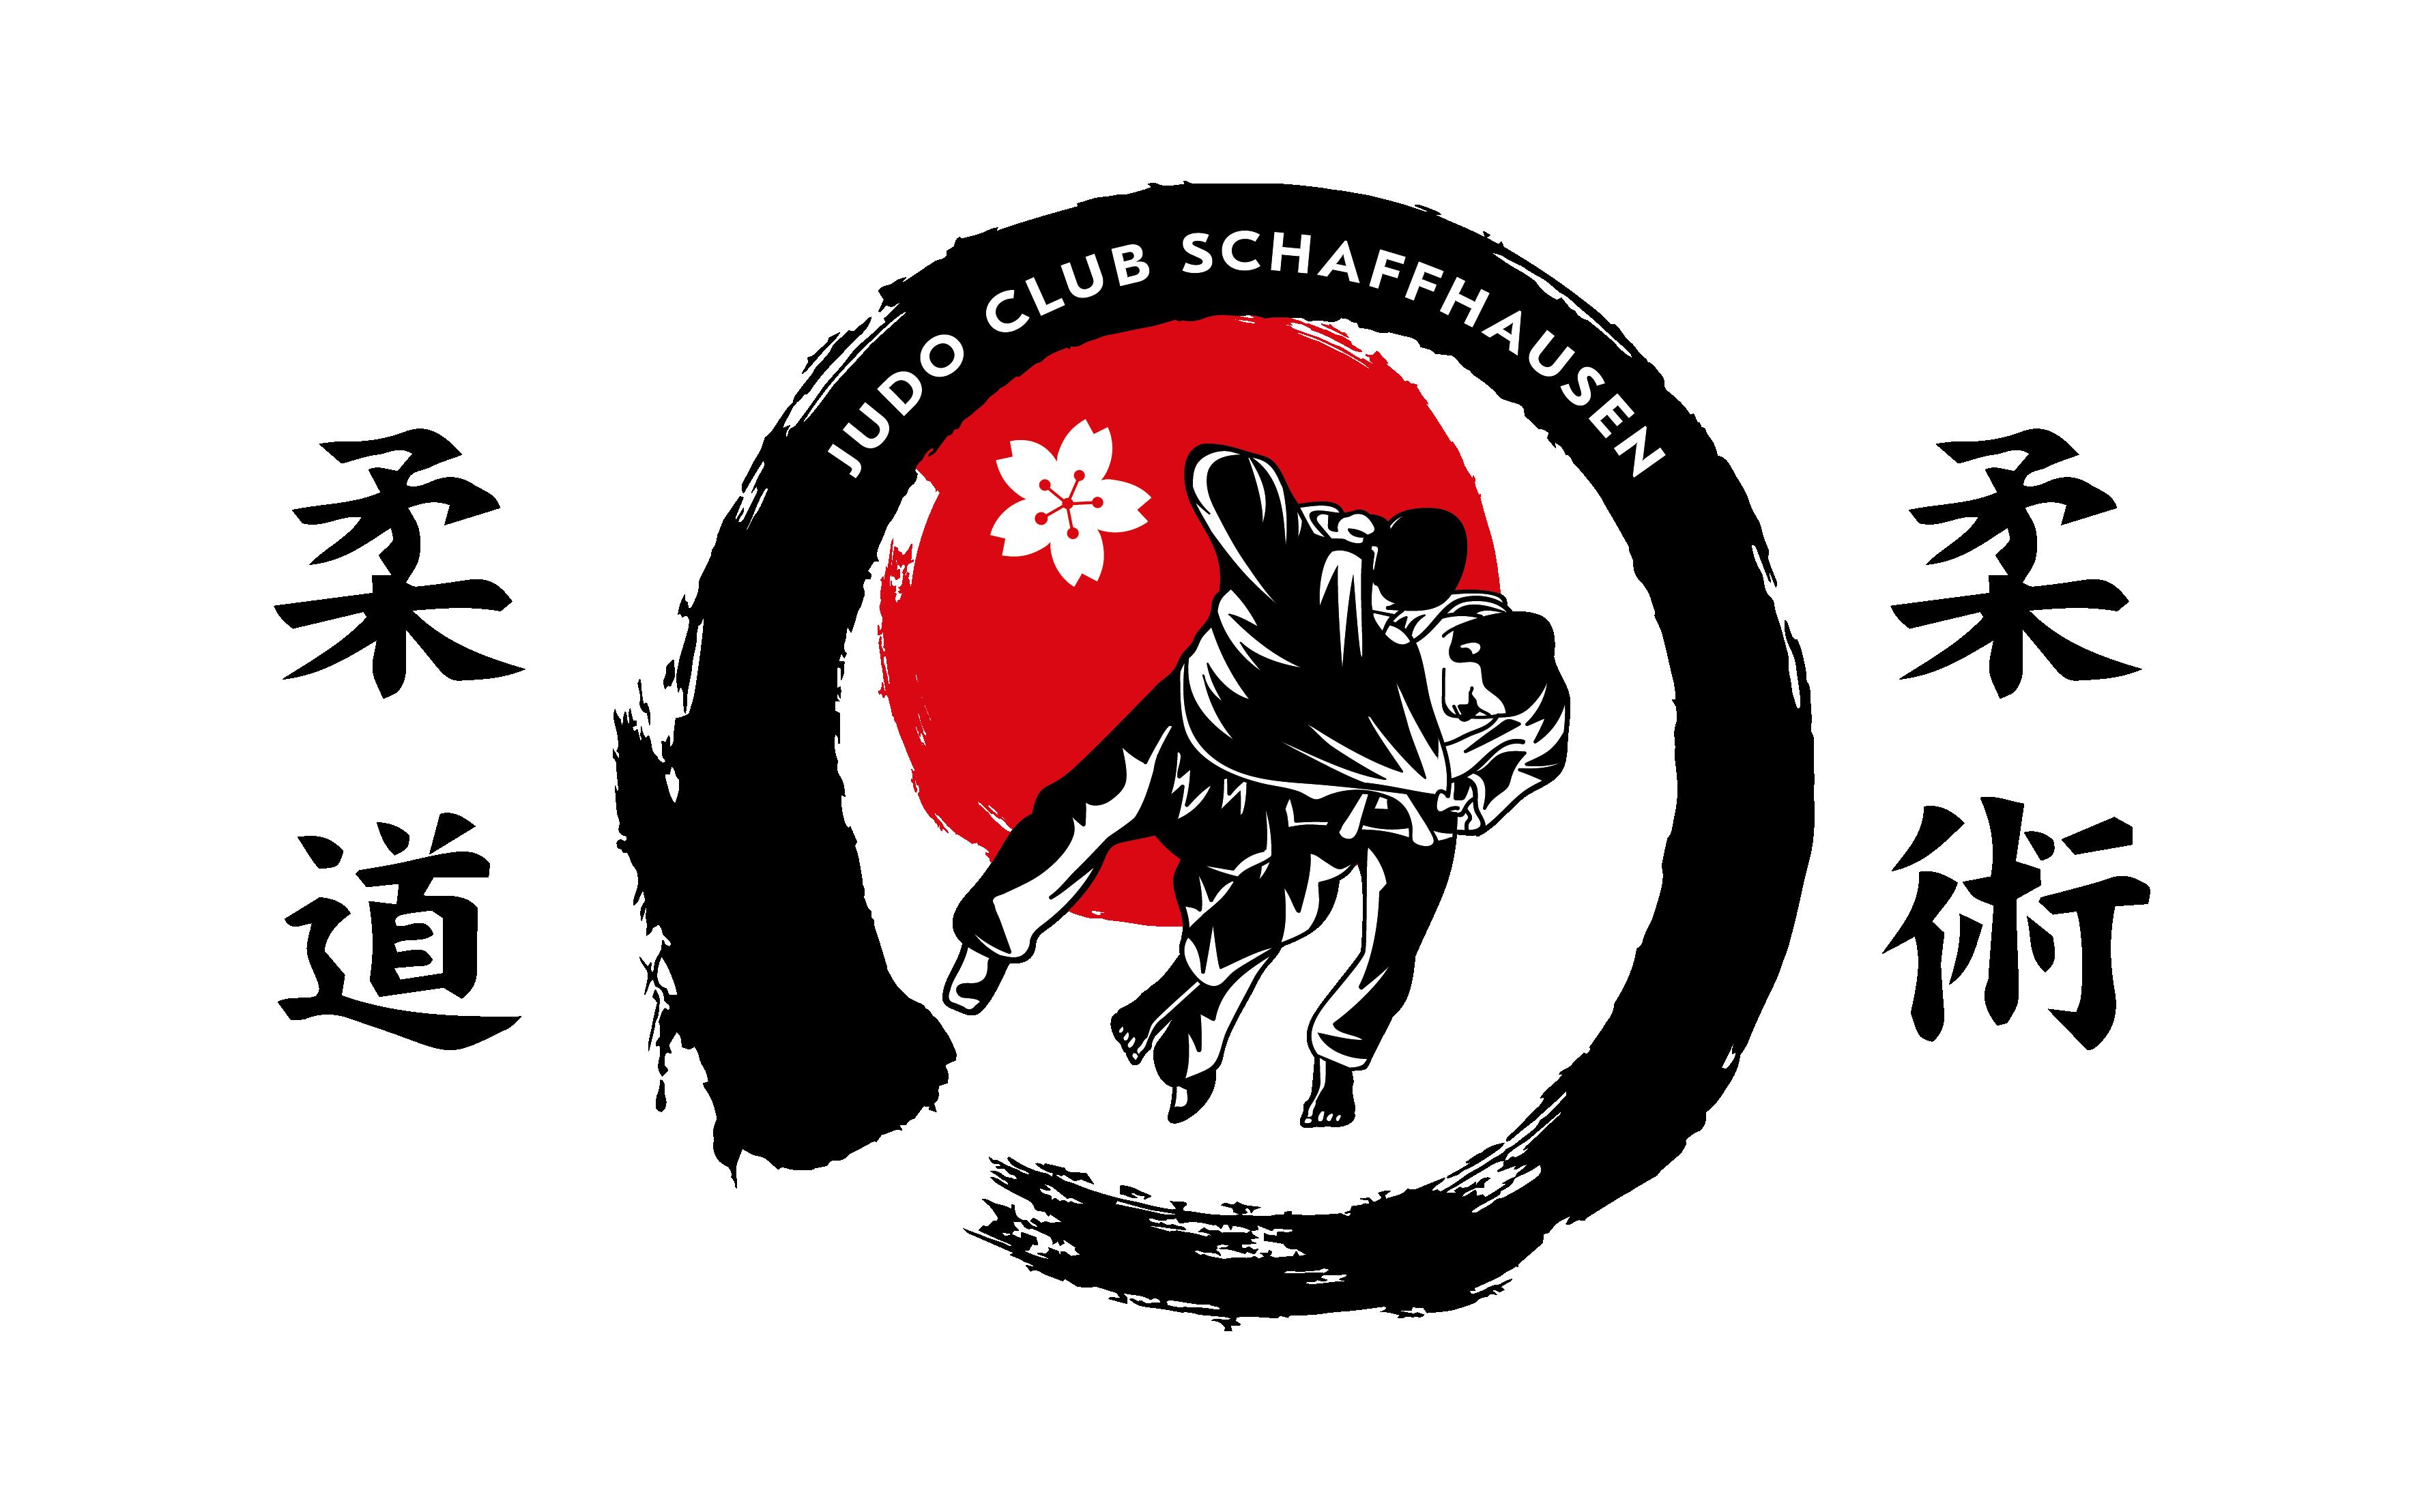 Judo Club Schaffhausen